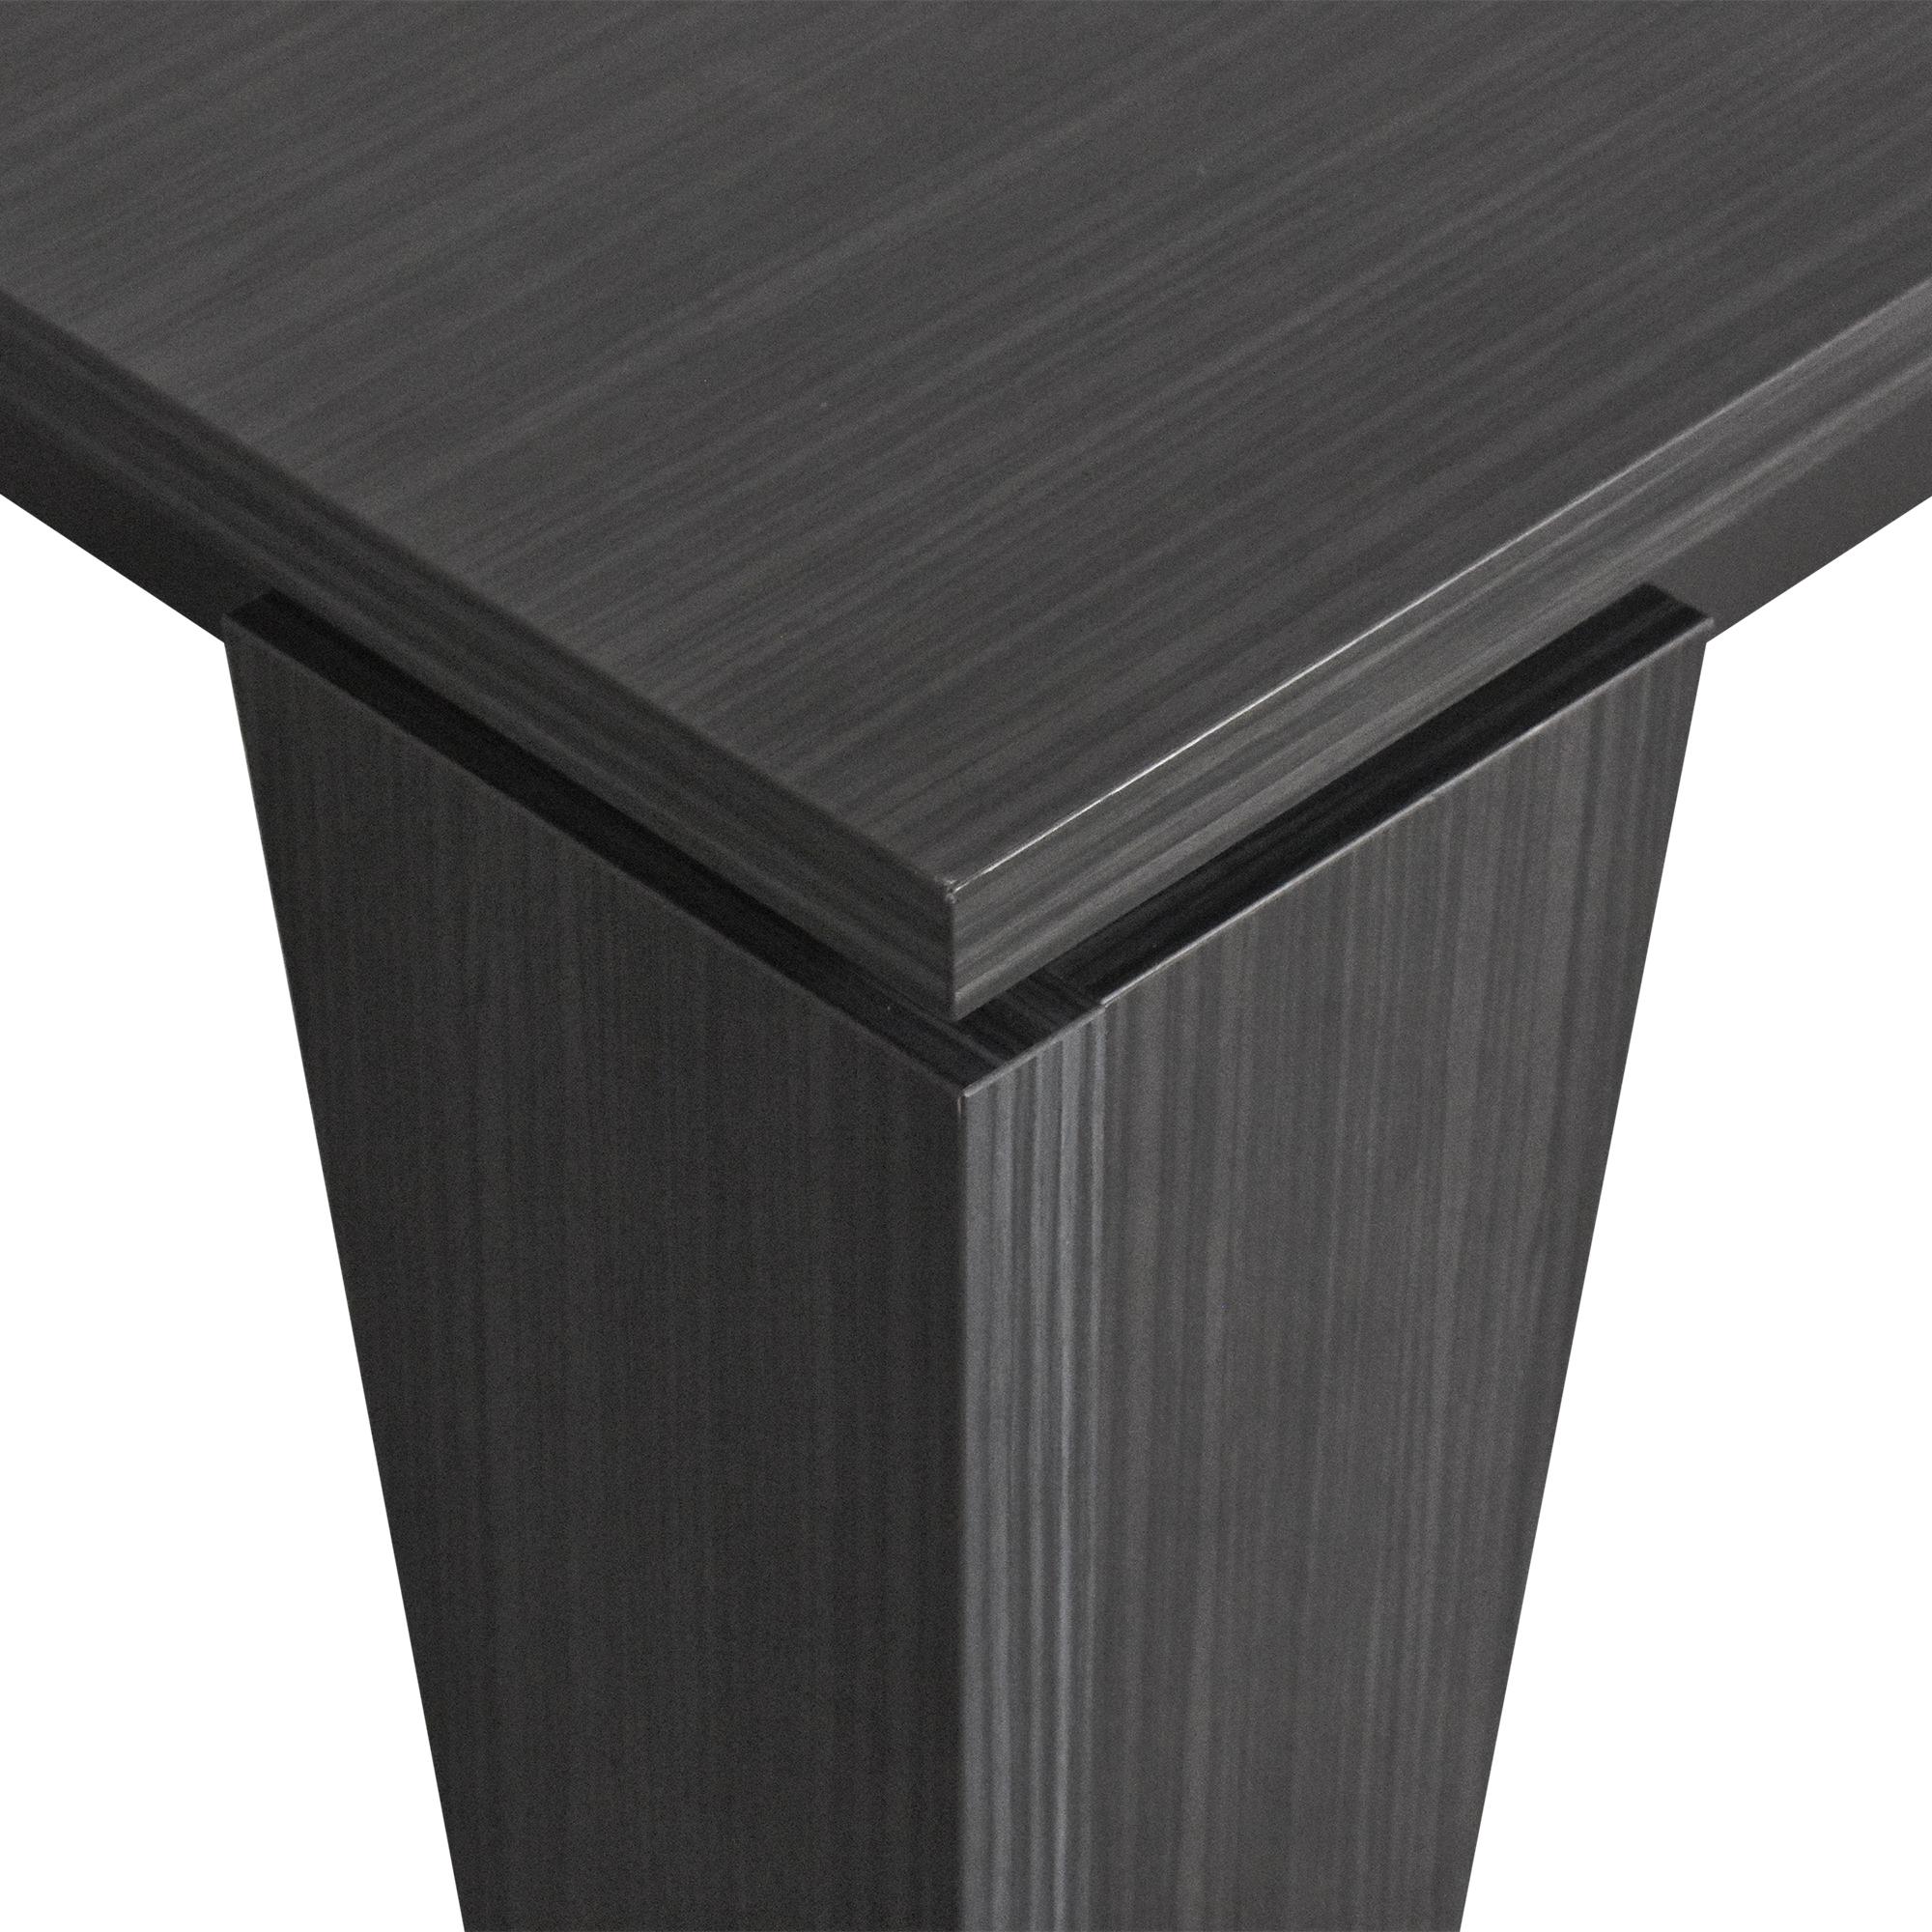 Lazzoni Terra Extendable Dining Table Lazzoni